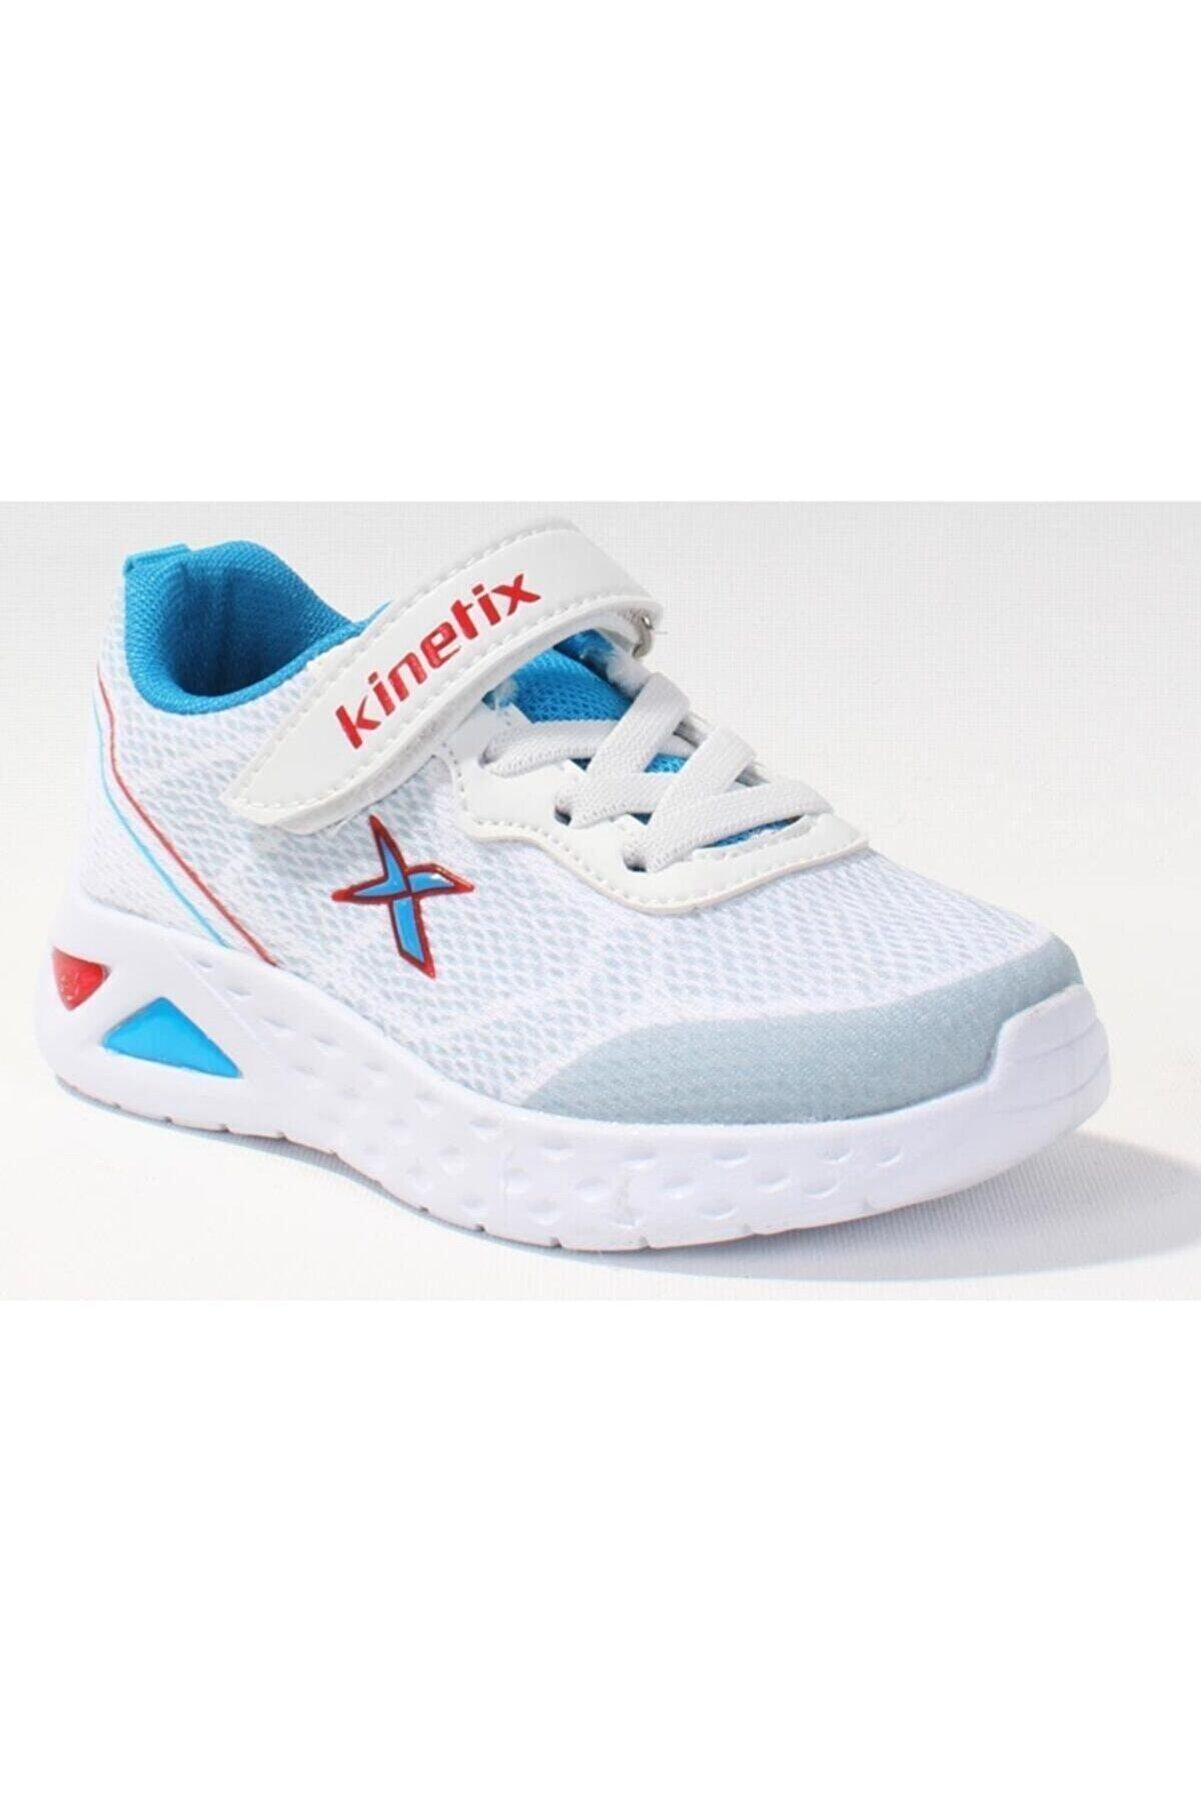 Kinetix RAIN Beyaz Erkek Çocuk Yürüyüş Ayakkabısı 100506384